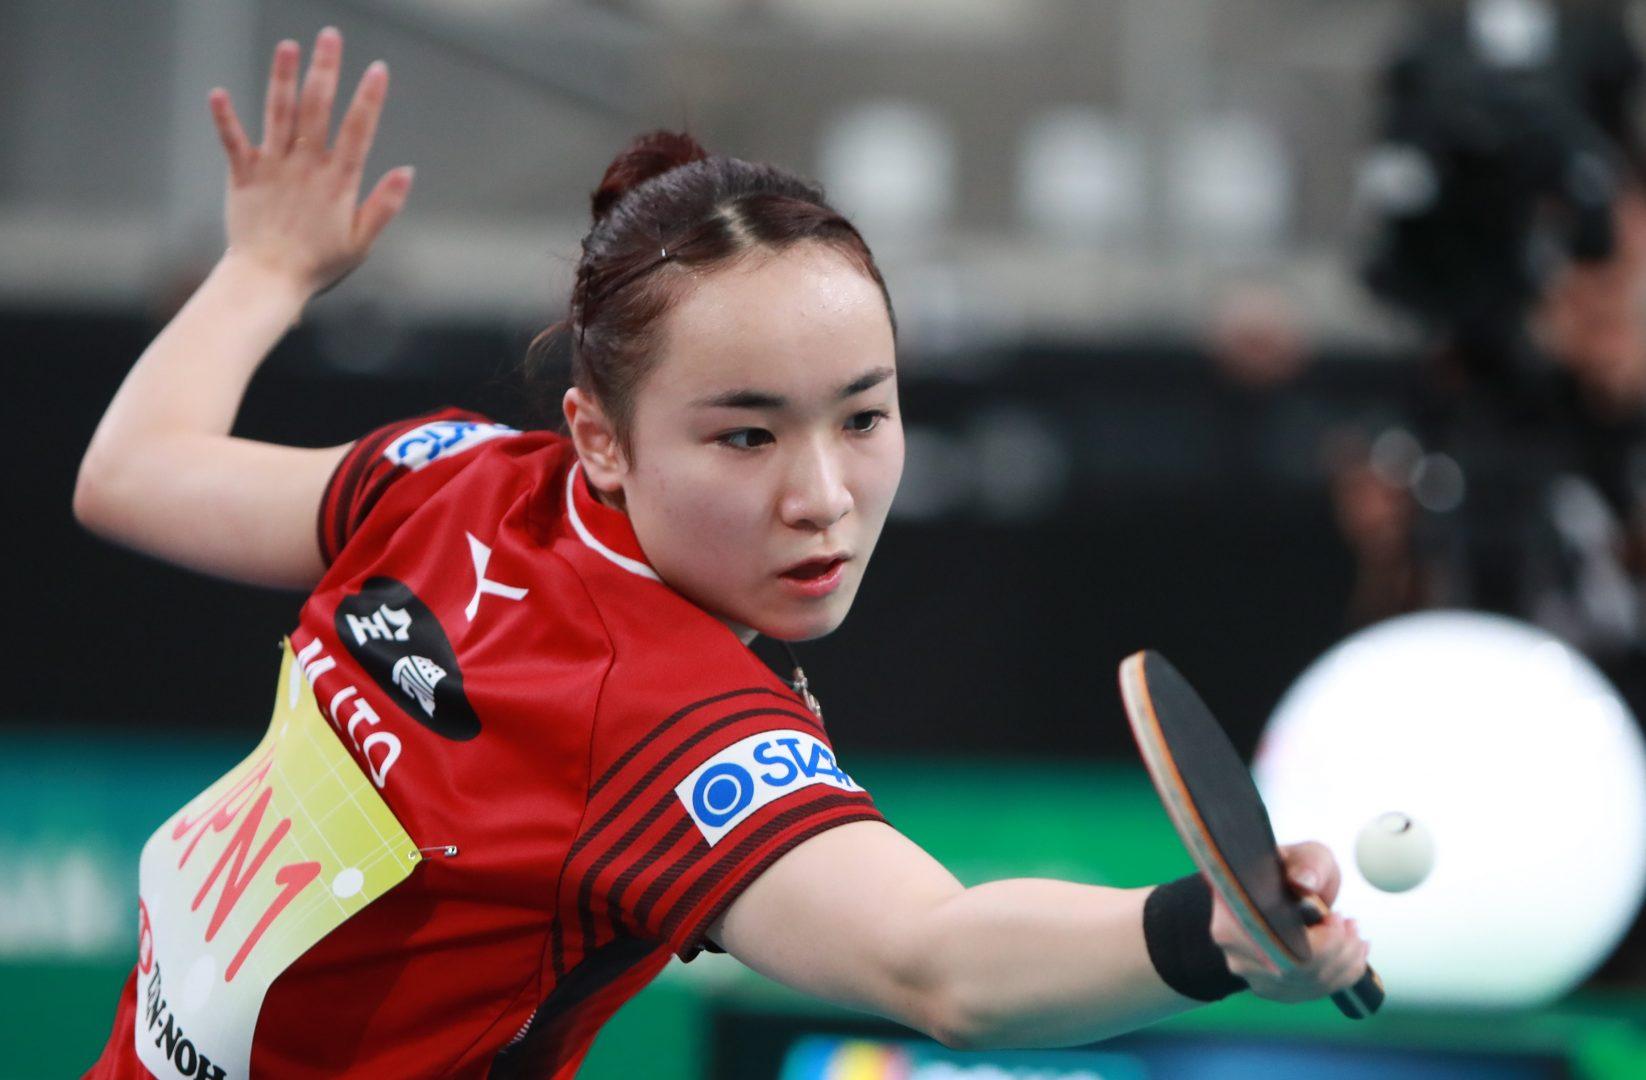 伊藤美誠、異質ラバー対決制し2回戦へ<卓球・オーストリアオープン 女子単>